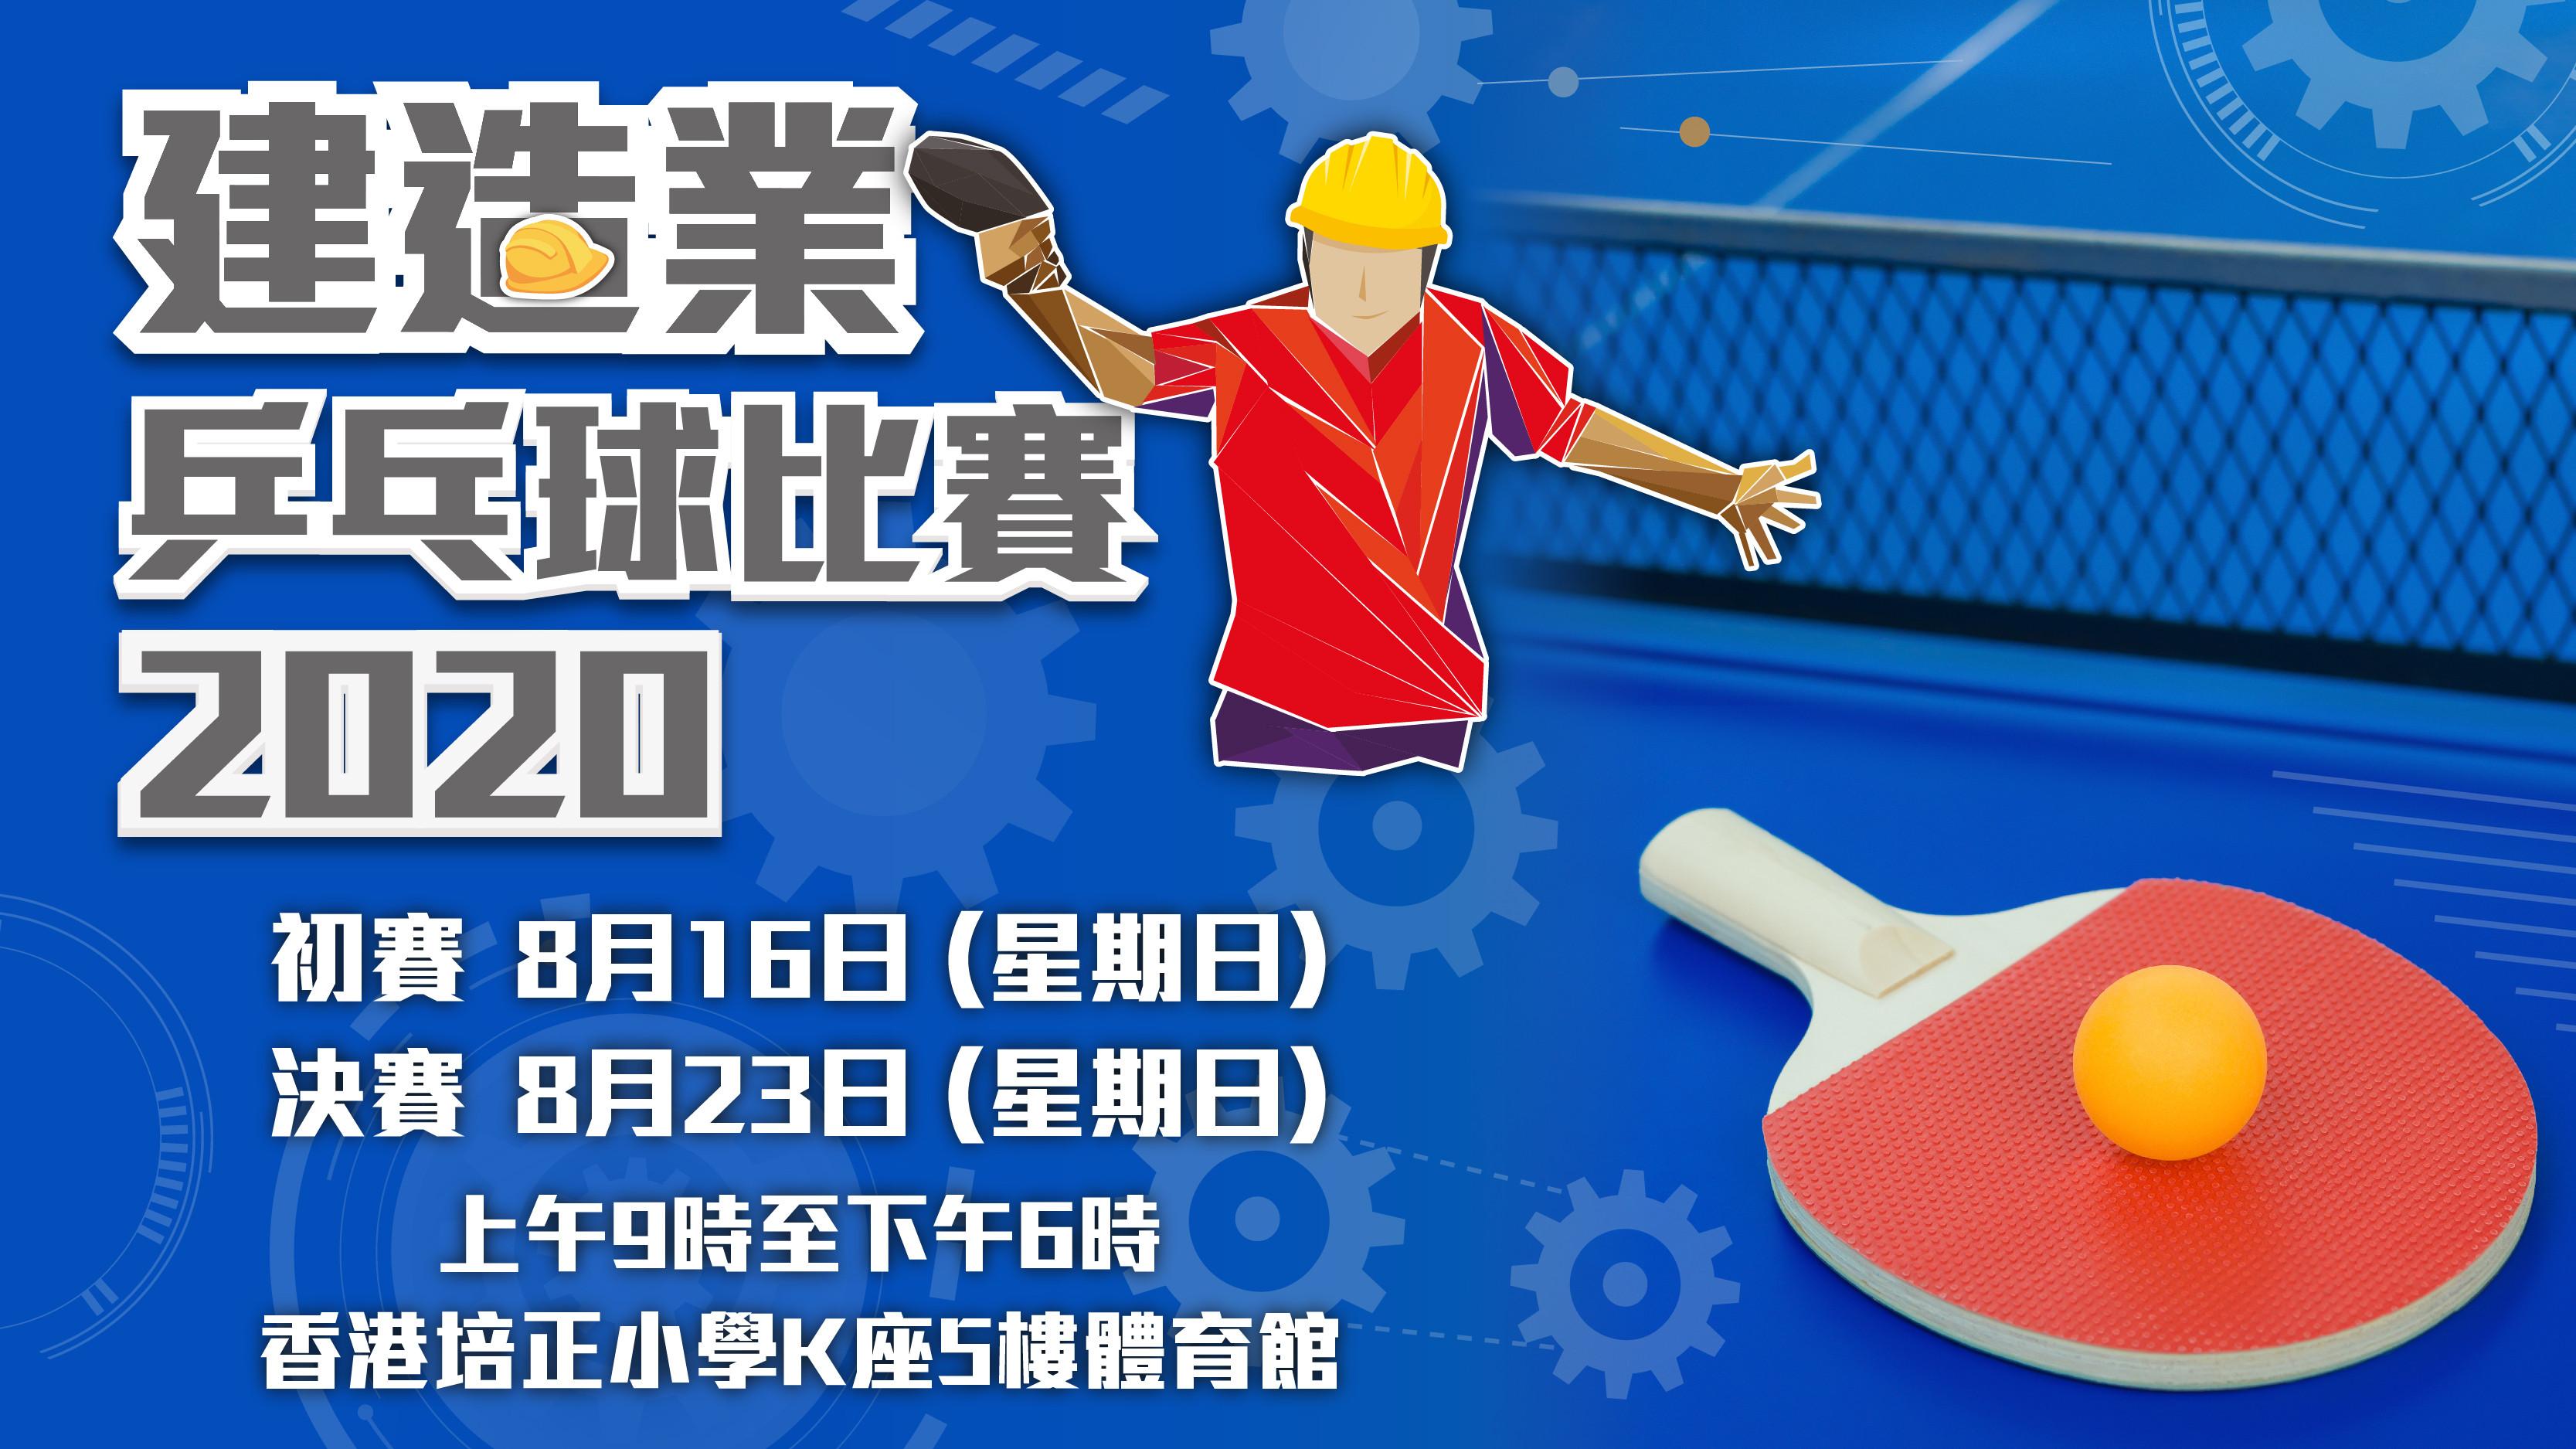 [運動] 建造業乒乓球比賽2020